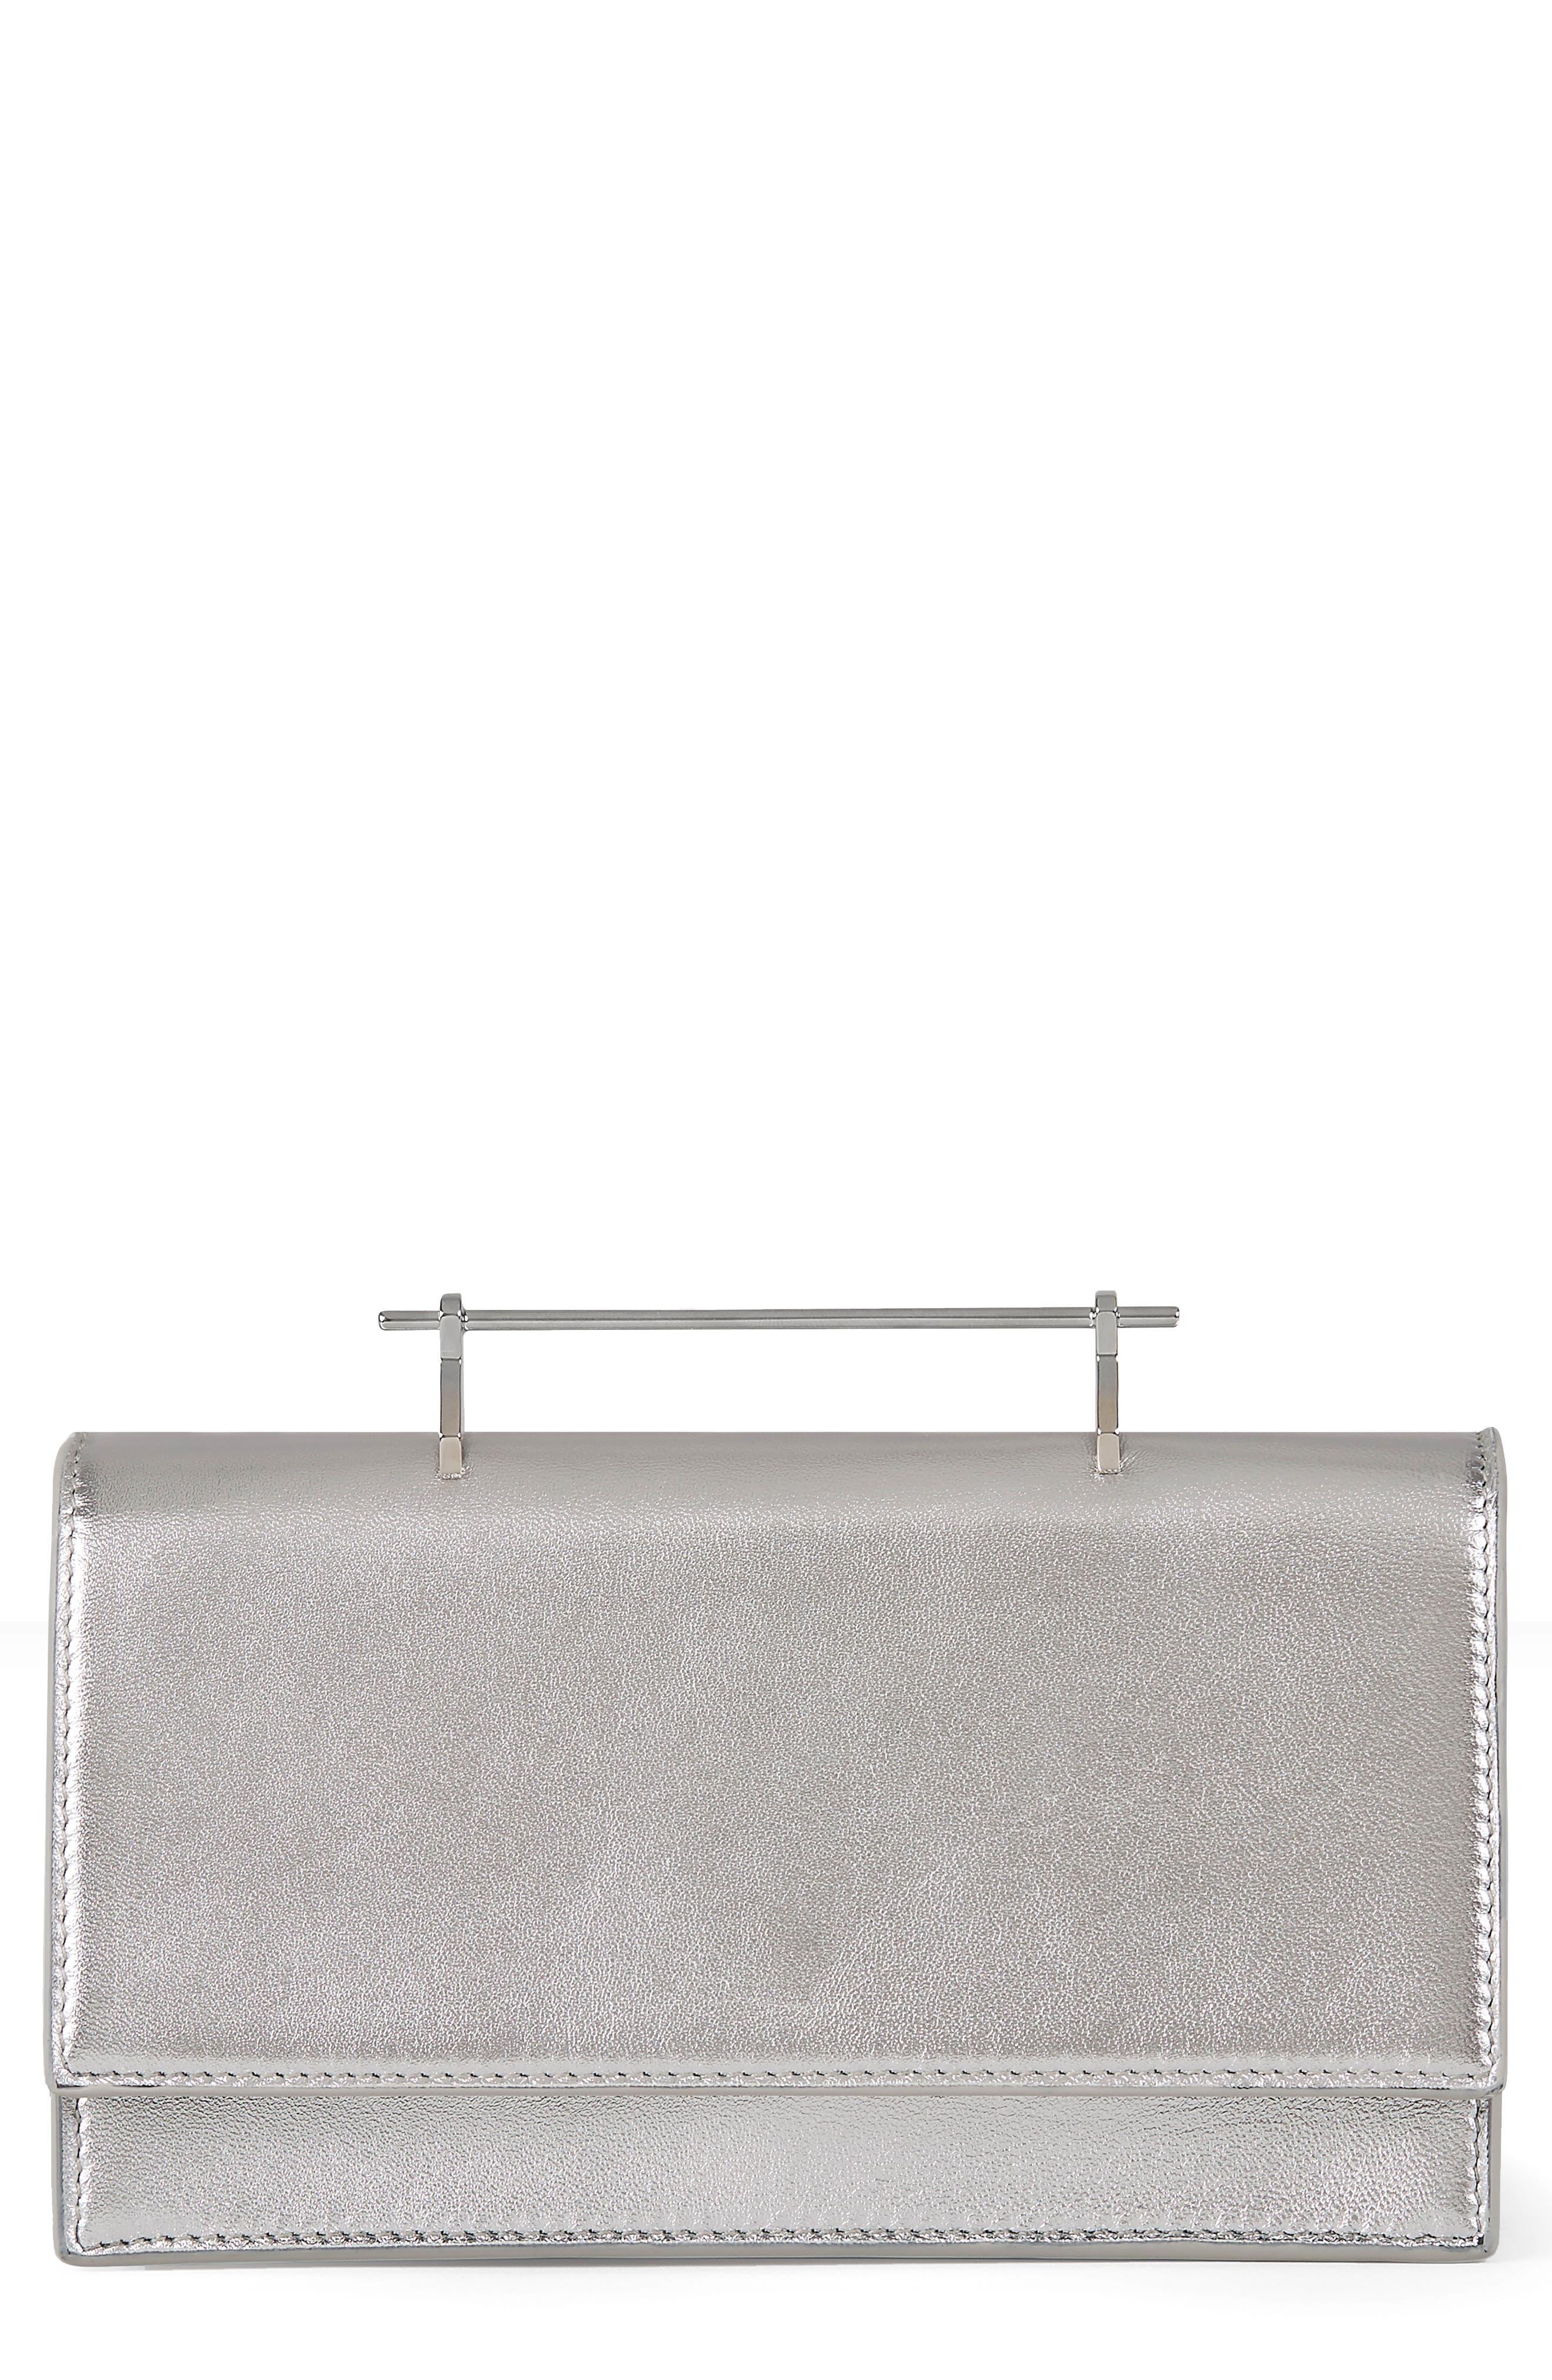 Alexia Metallic Leather Shoulder Bag,                             Main thumbnail 1, color,                             Metallic Silver/ Silver